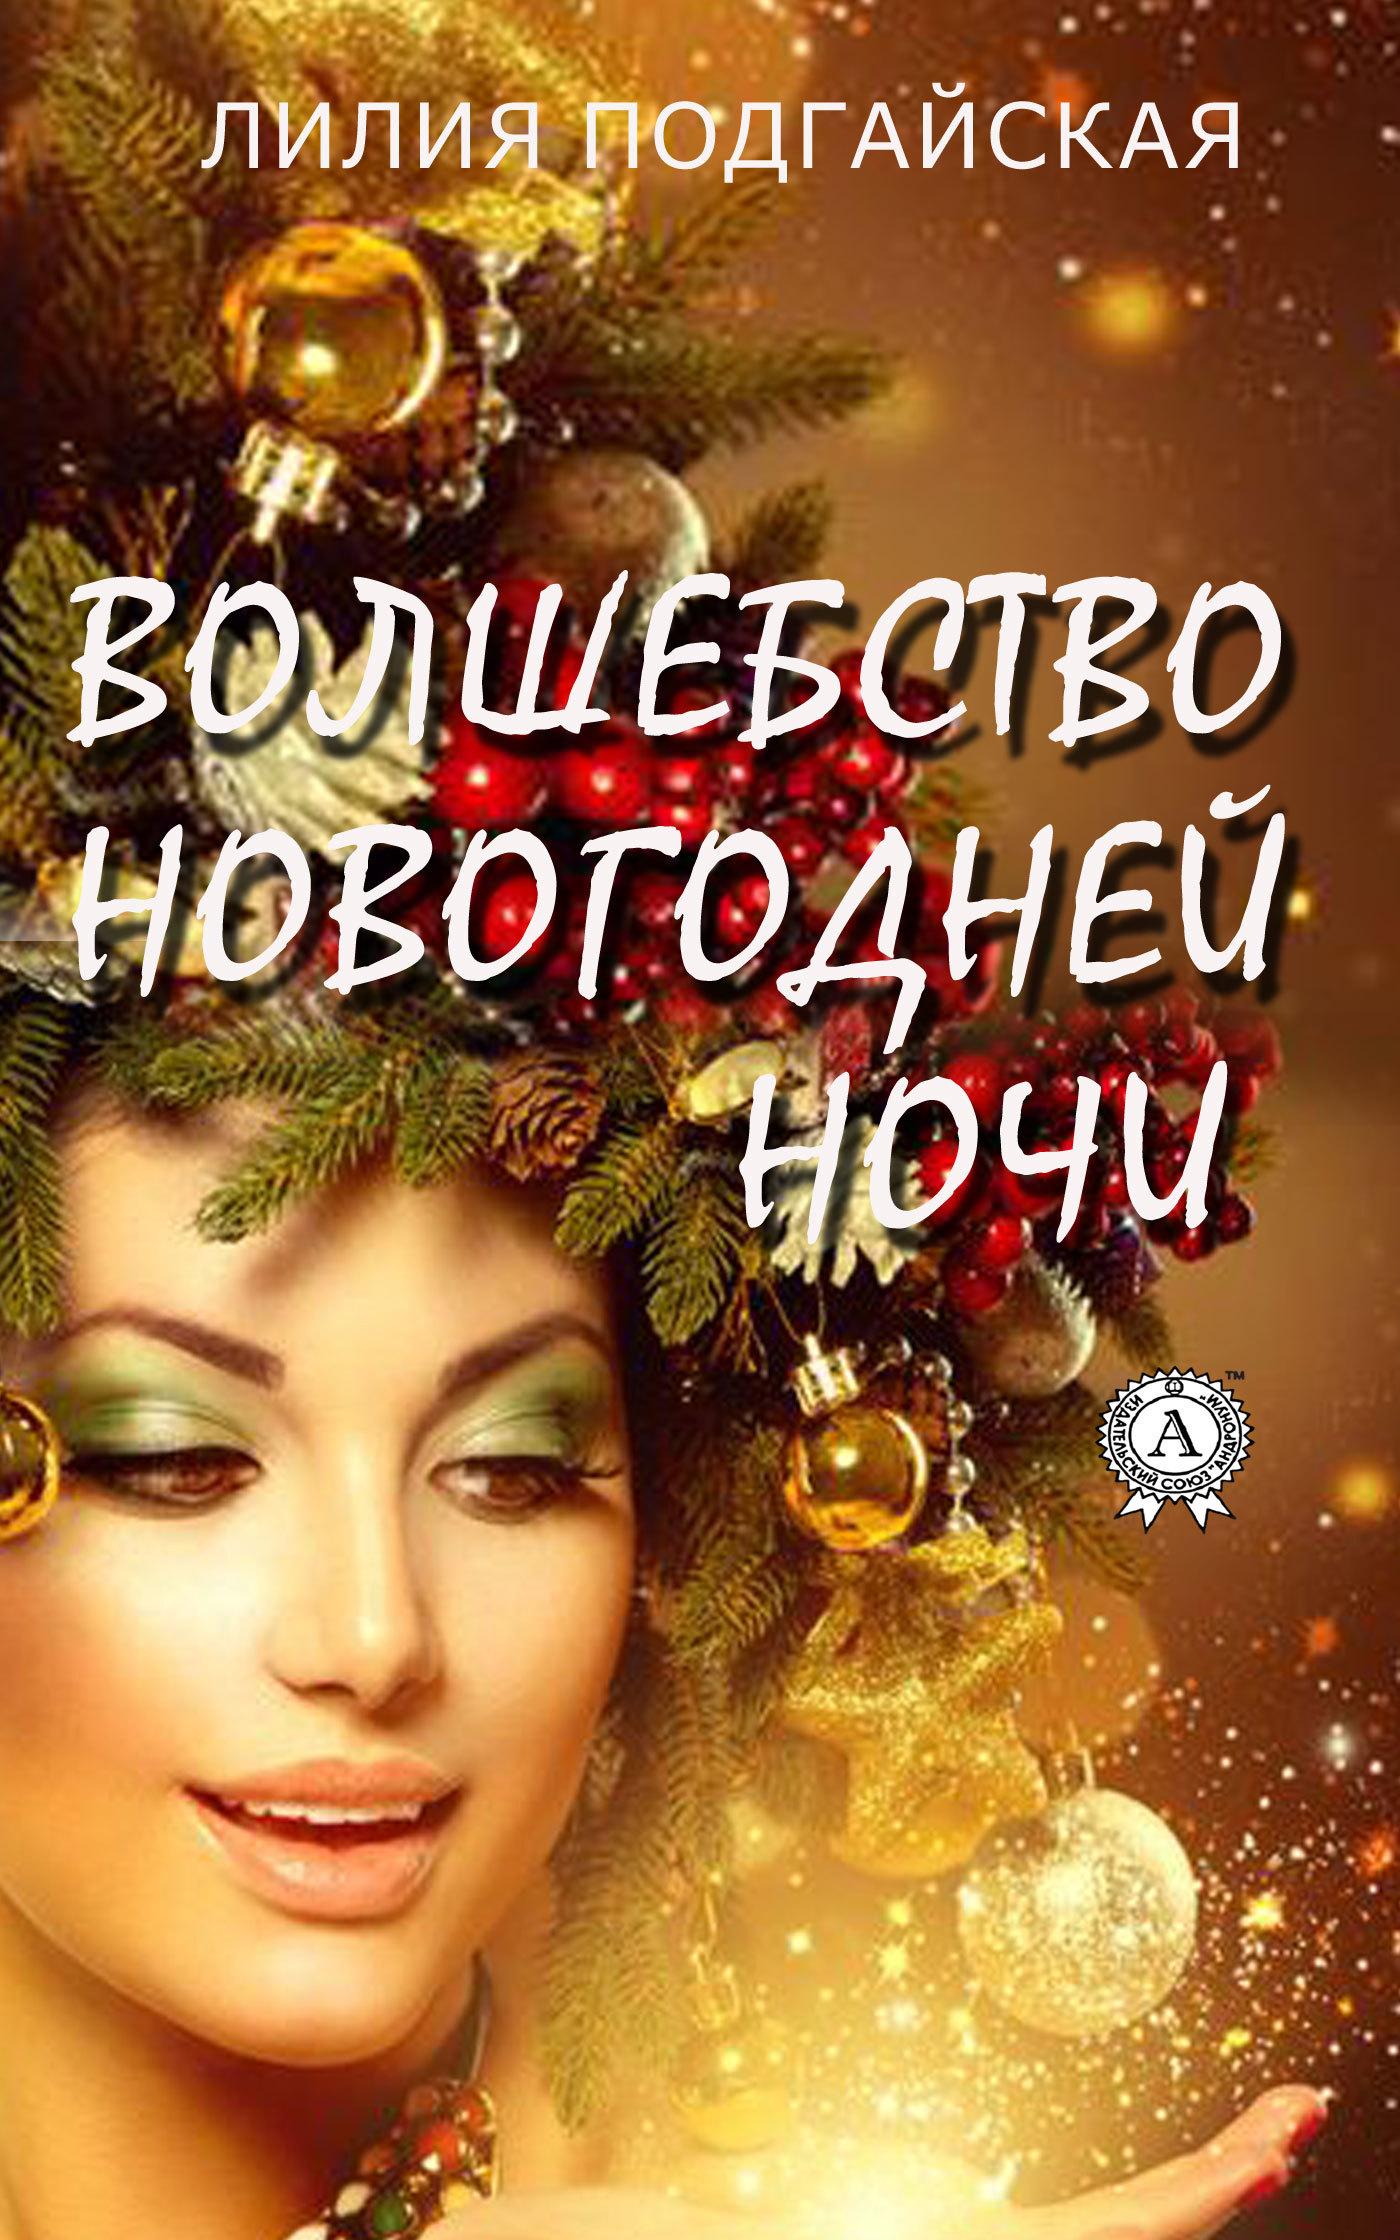 Лилия Подгайская Волшебство новогодней ночи анна антонова звезда новогодней ночи